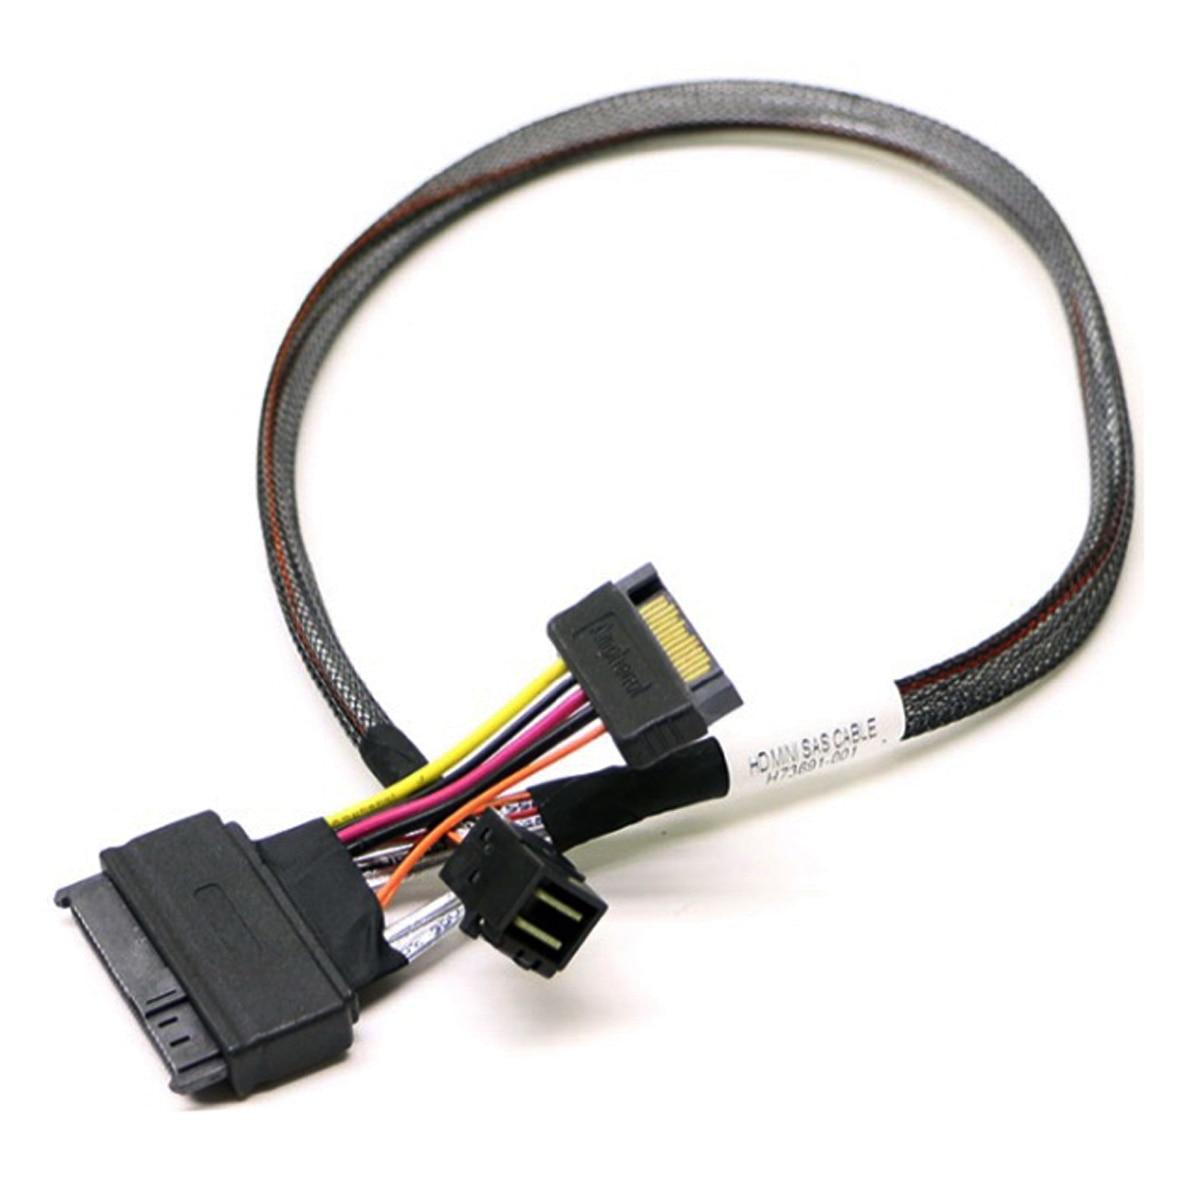 JSER U.2 U2 Kit SFF-8639 NVME PCIe SSD Adapter for Mainboard Intel SSD 750 p3600 p3700 M.2 SFF-8643 Mini SAS HD